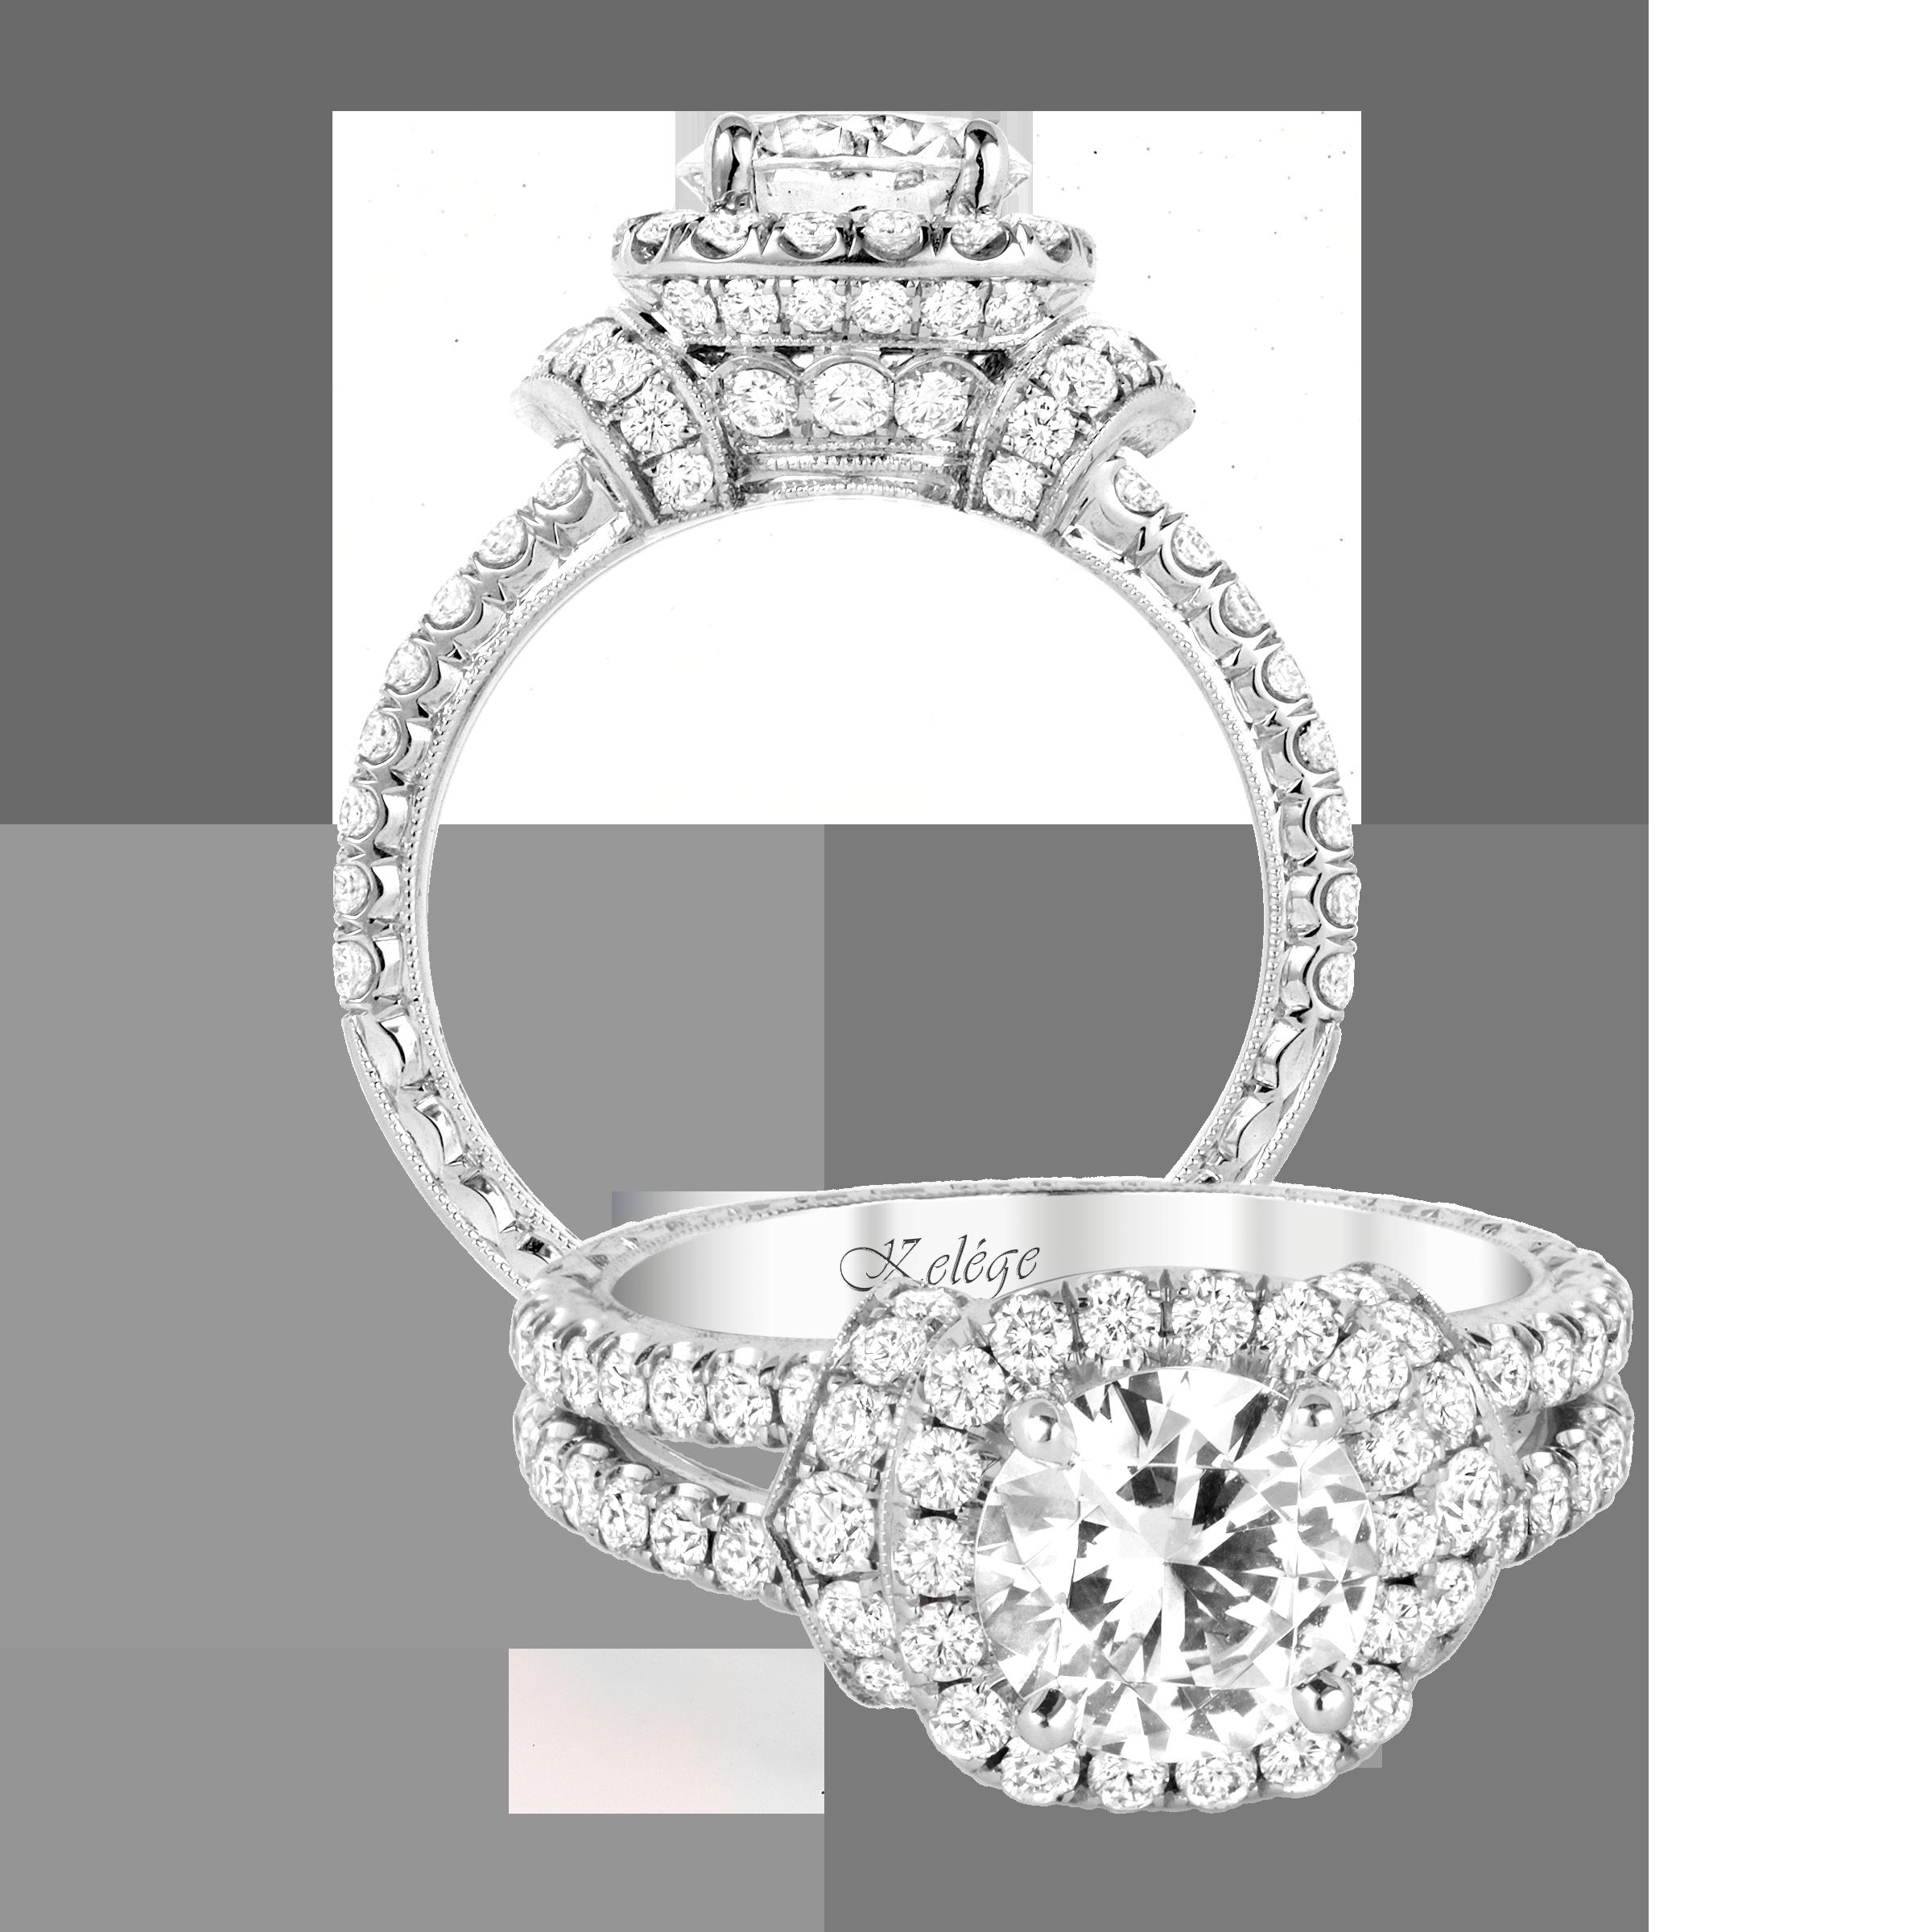 KGR 1165 18k Gold Engagement Ring 18k gold engagement